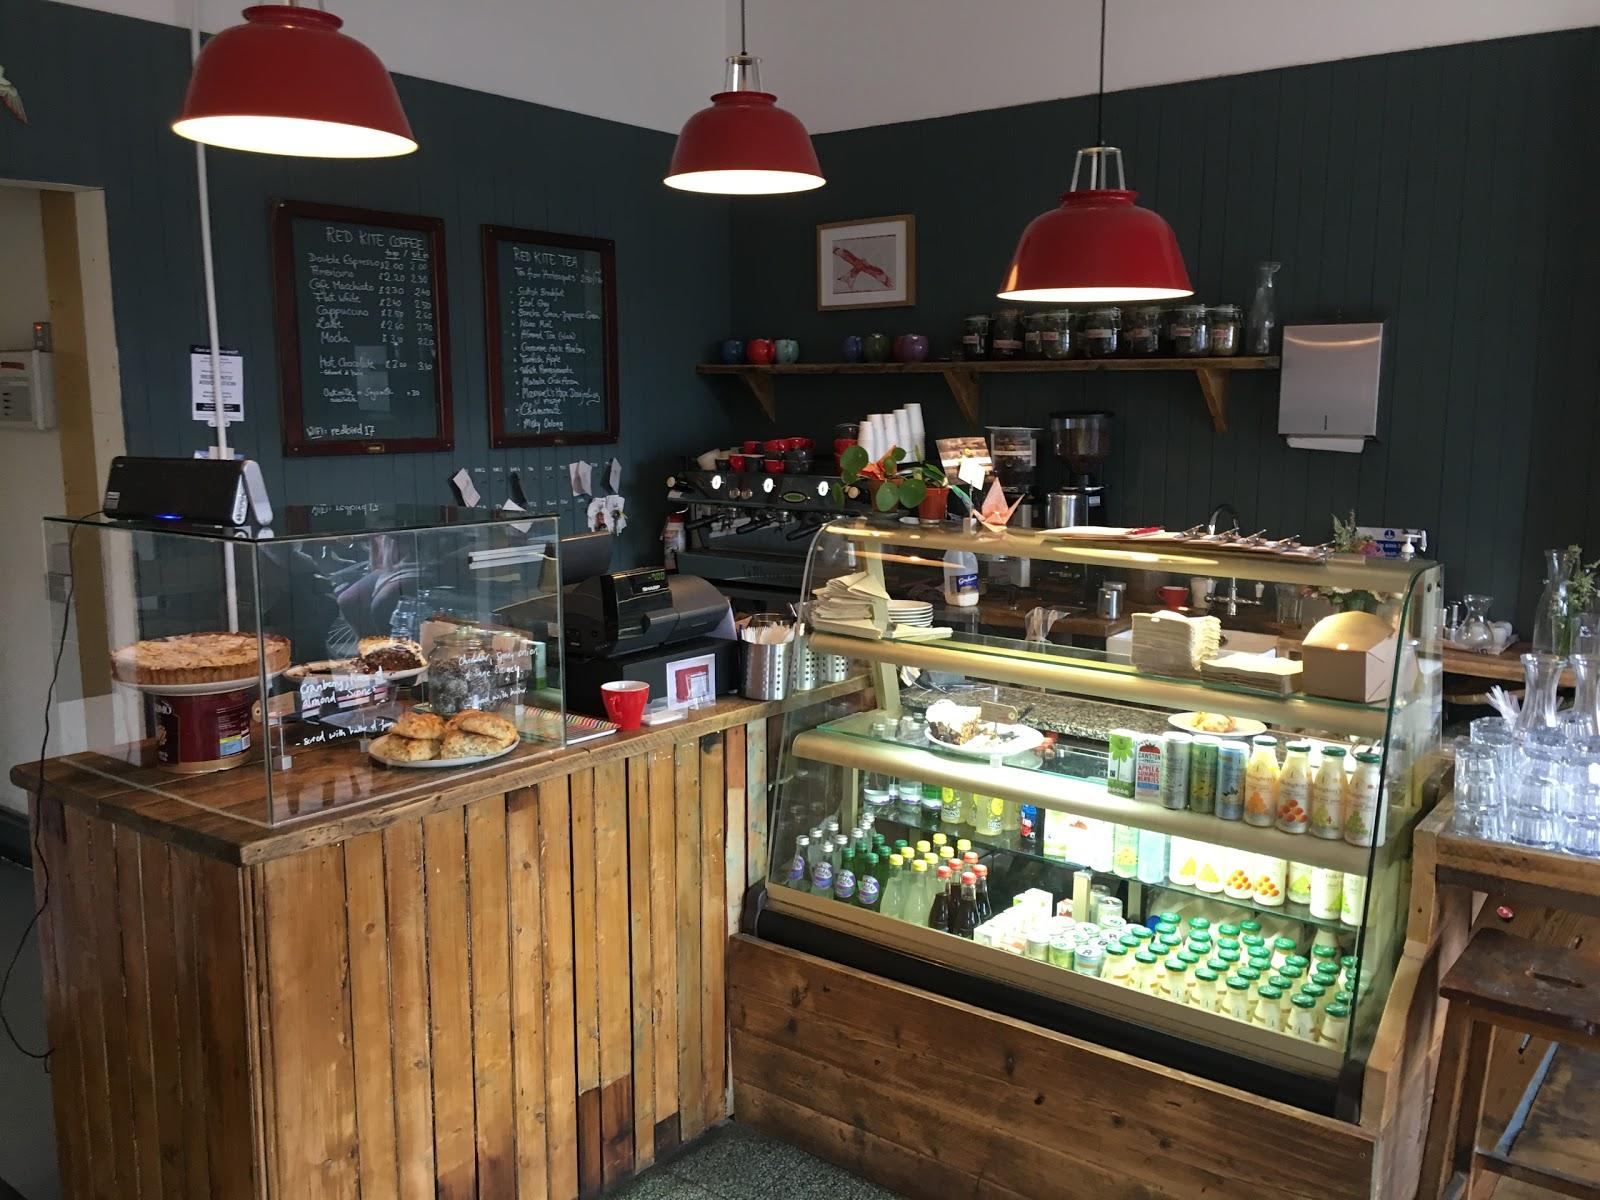 The Red Kite Café